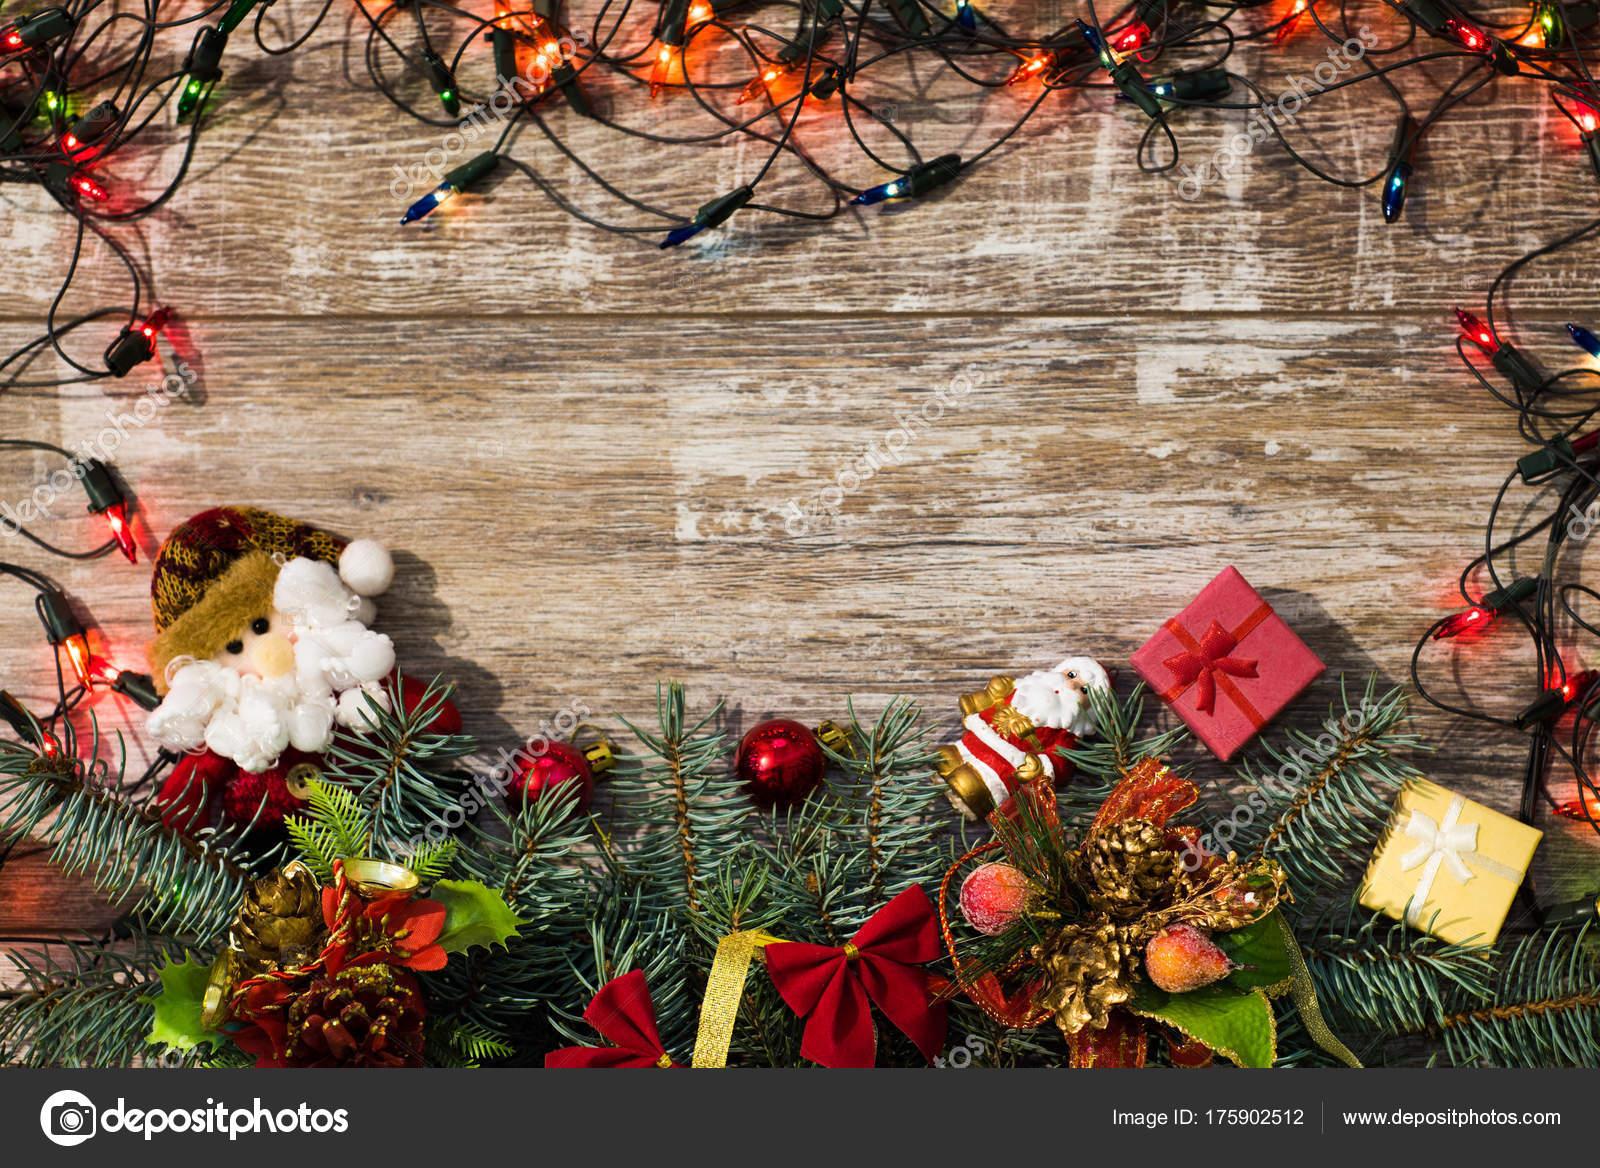 Fondos De Navidad En Hdboxbaster: Fotos De Stock © DmytroKozak